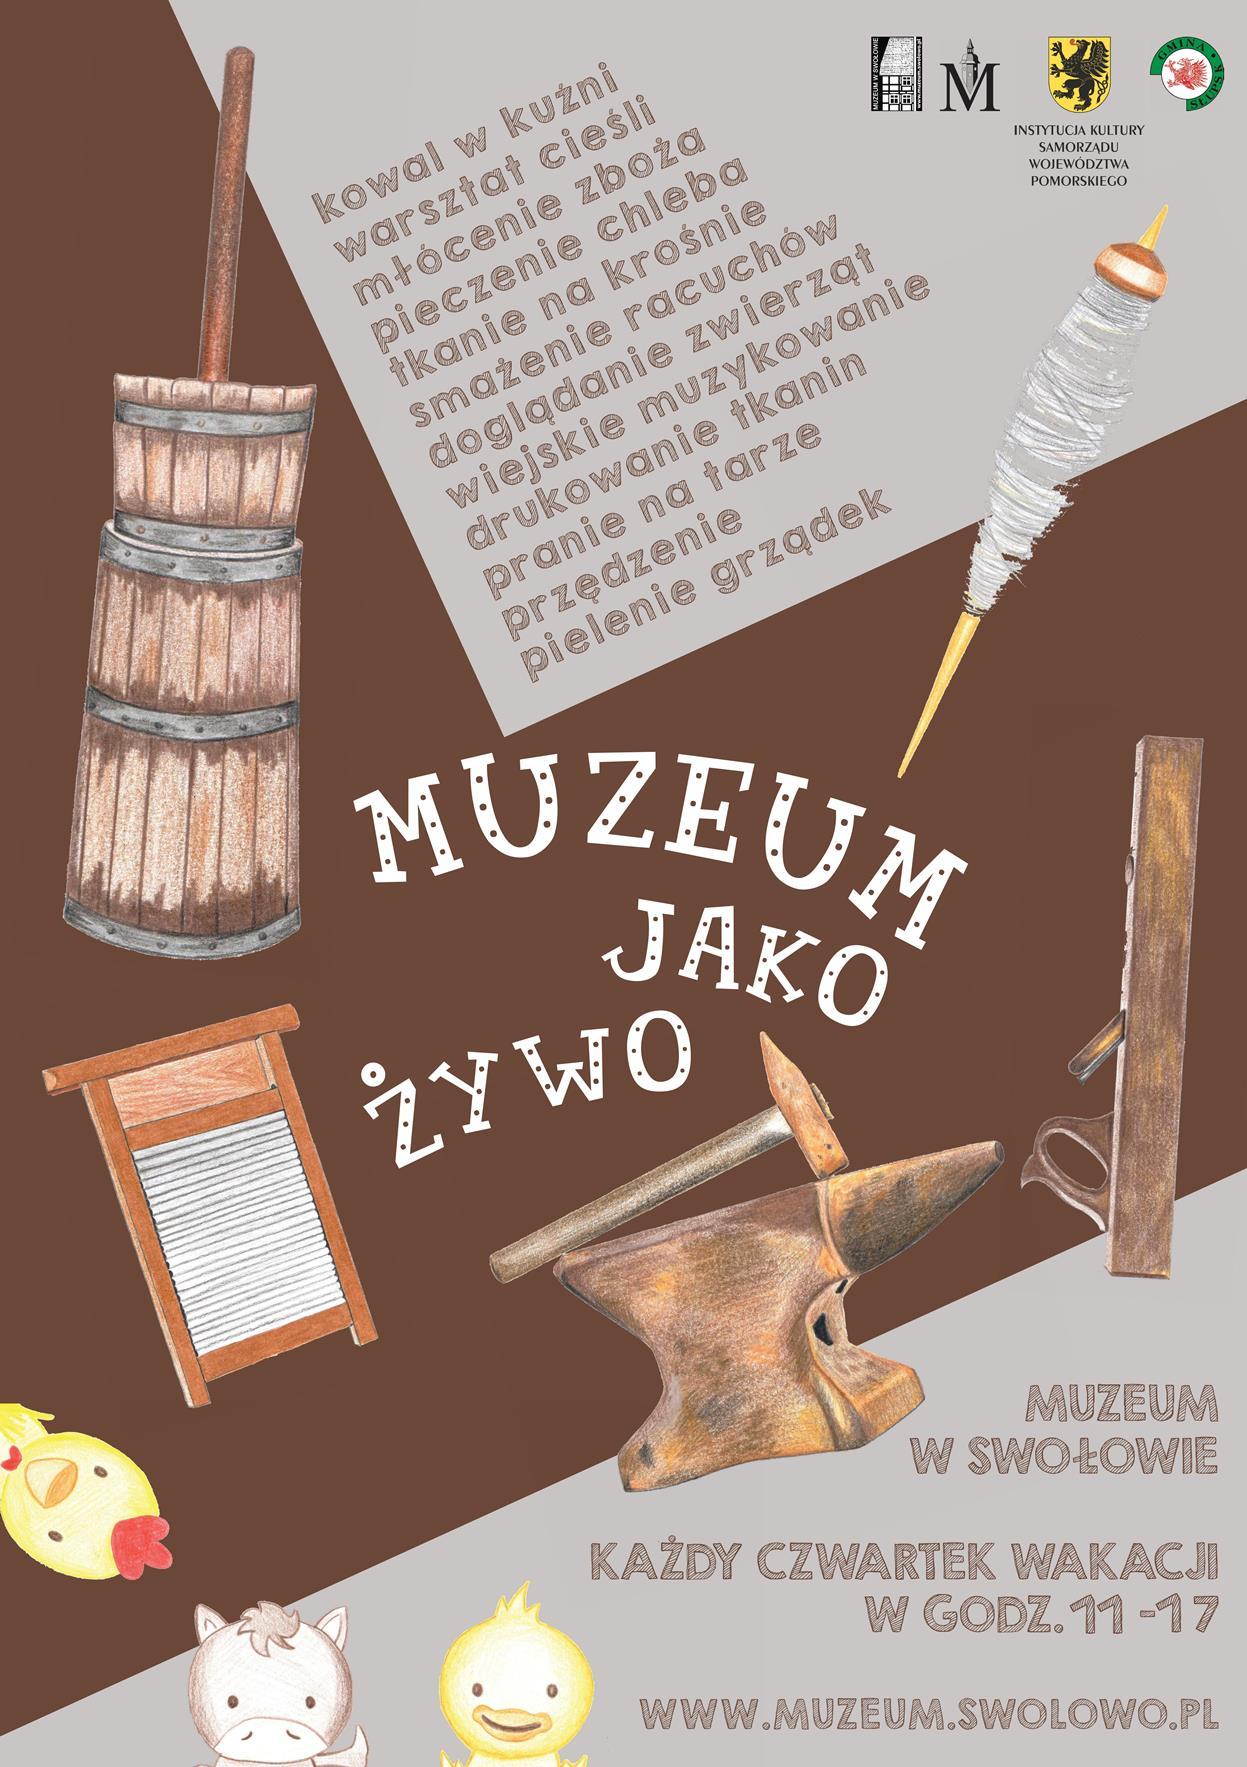 Plakat akcji Muzeum jako żywo